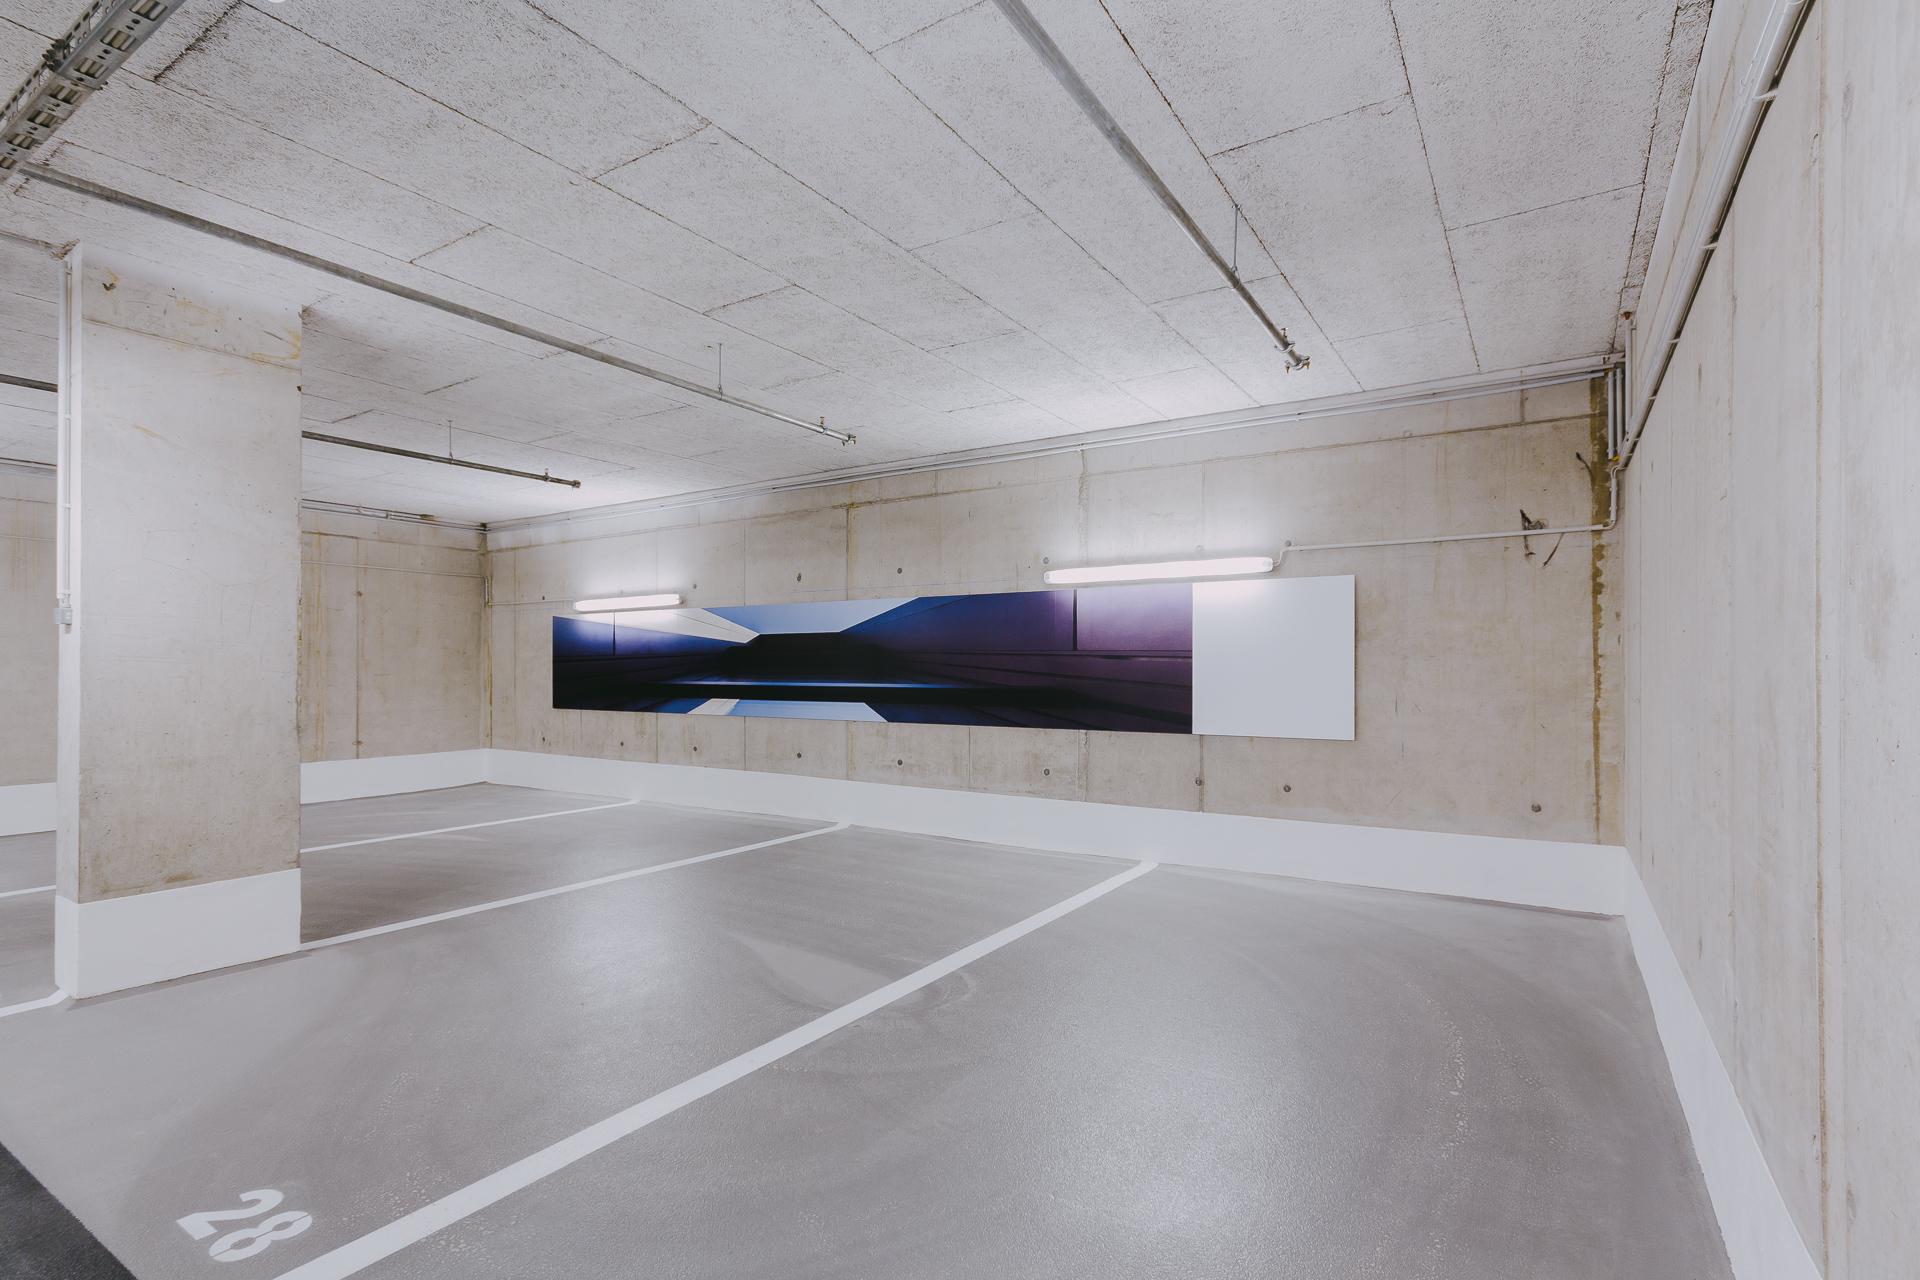 20121228_Stadthalle_Reutlingen_Tiefgarage_Motive_000000058